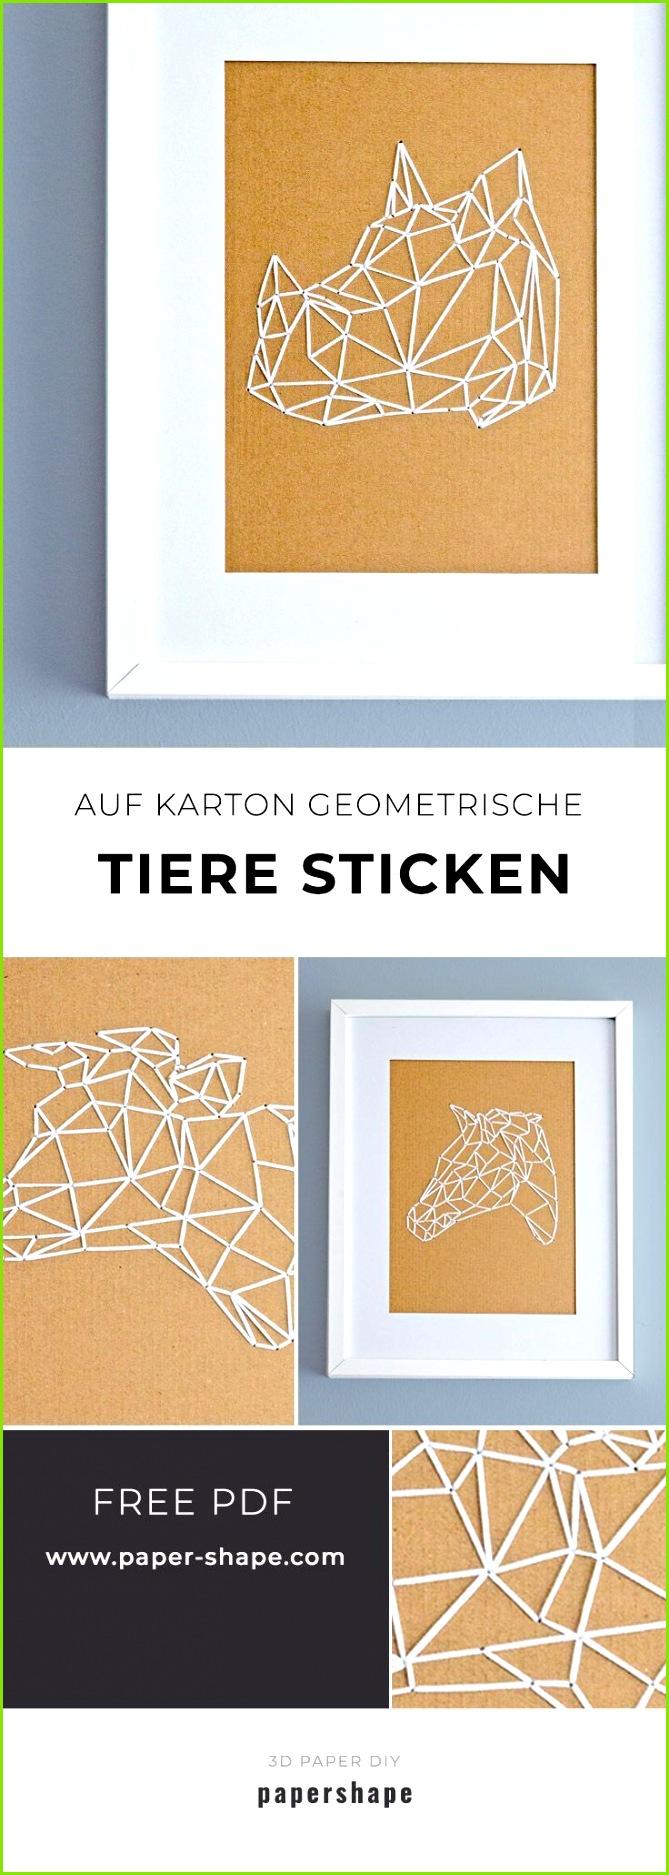 Geometrische Tiere sticken Nashorn Kuh Pferd Hase auf Karton als Wanddeko mit kostenlosen Vorlagen von papershape